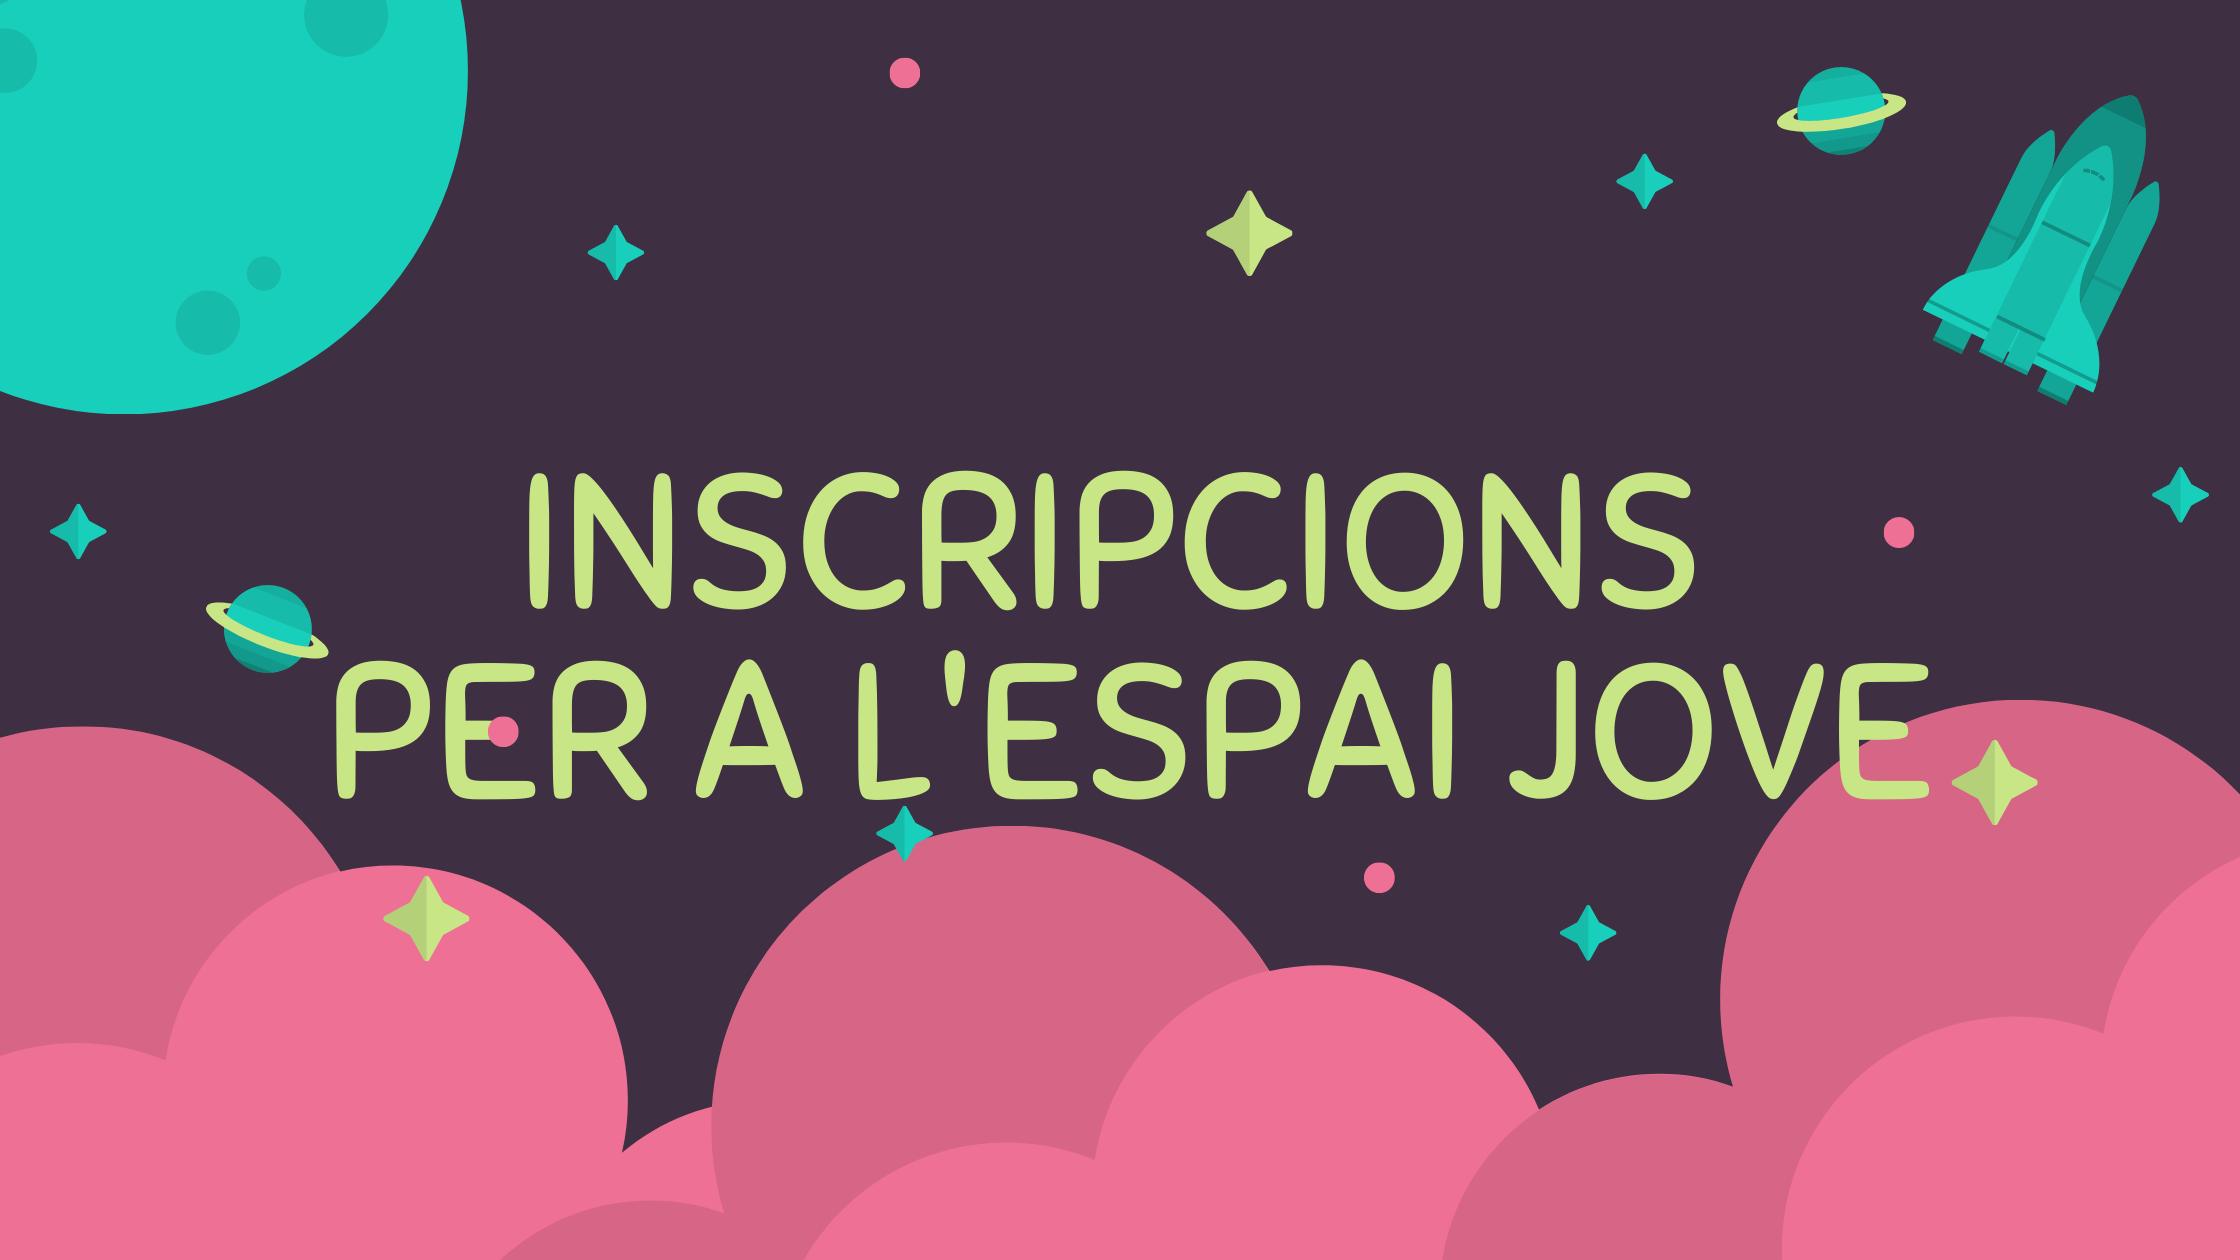 INSCRIPCIONS PER A L'ESPAI JOVE